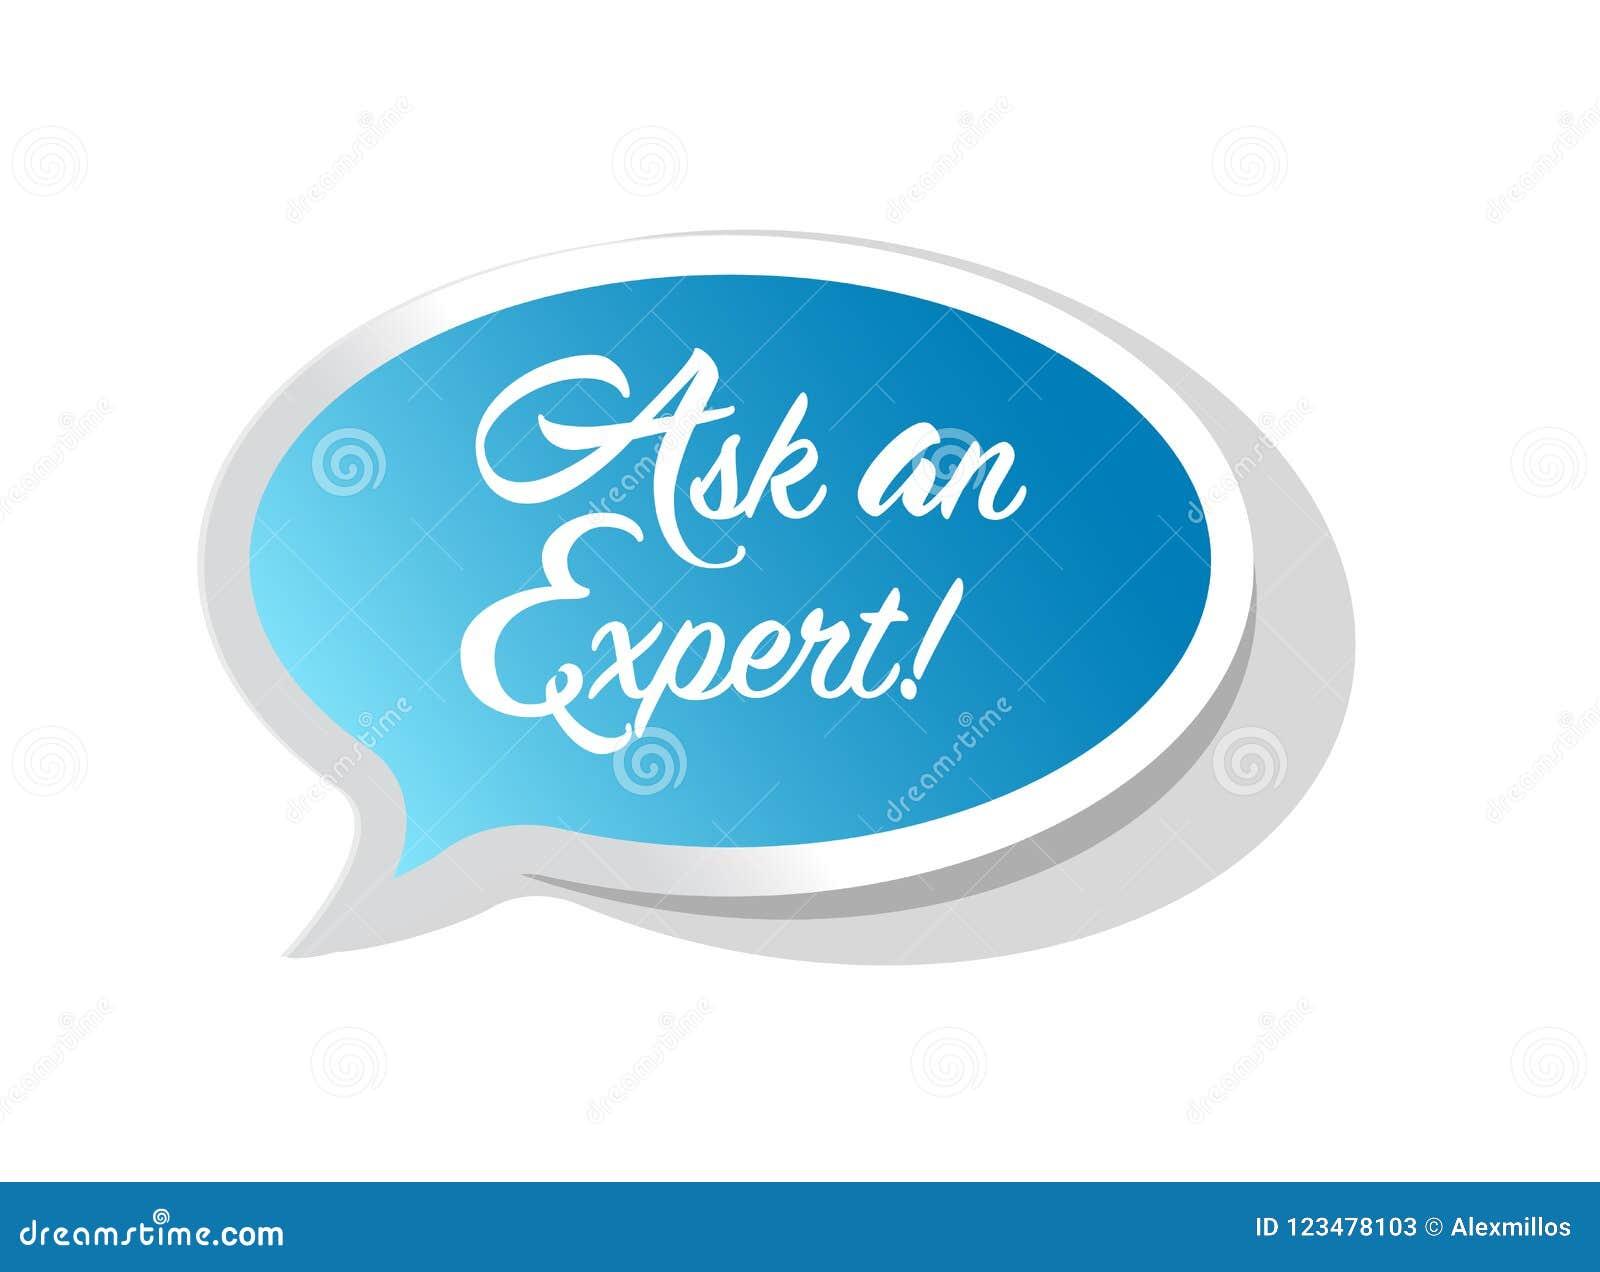 Chieda un concetto esperto del messaggio di comunicazione